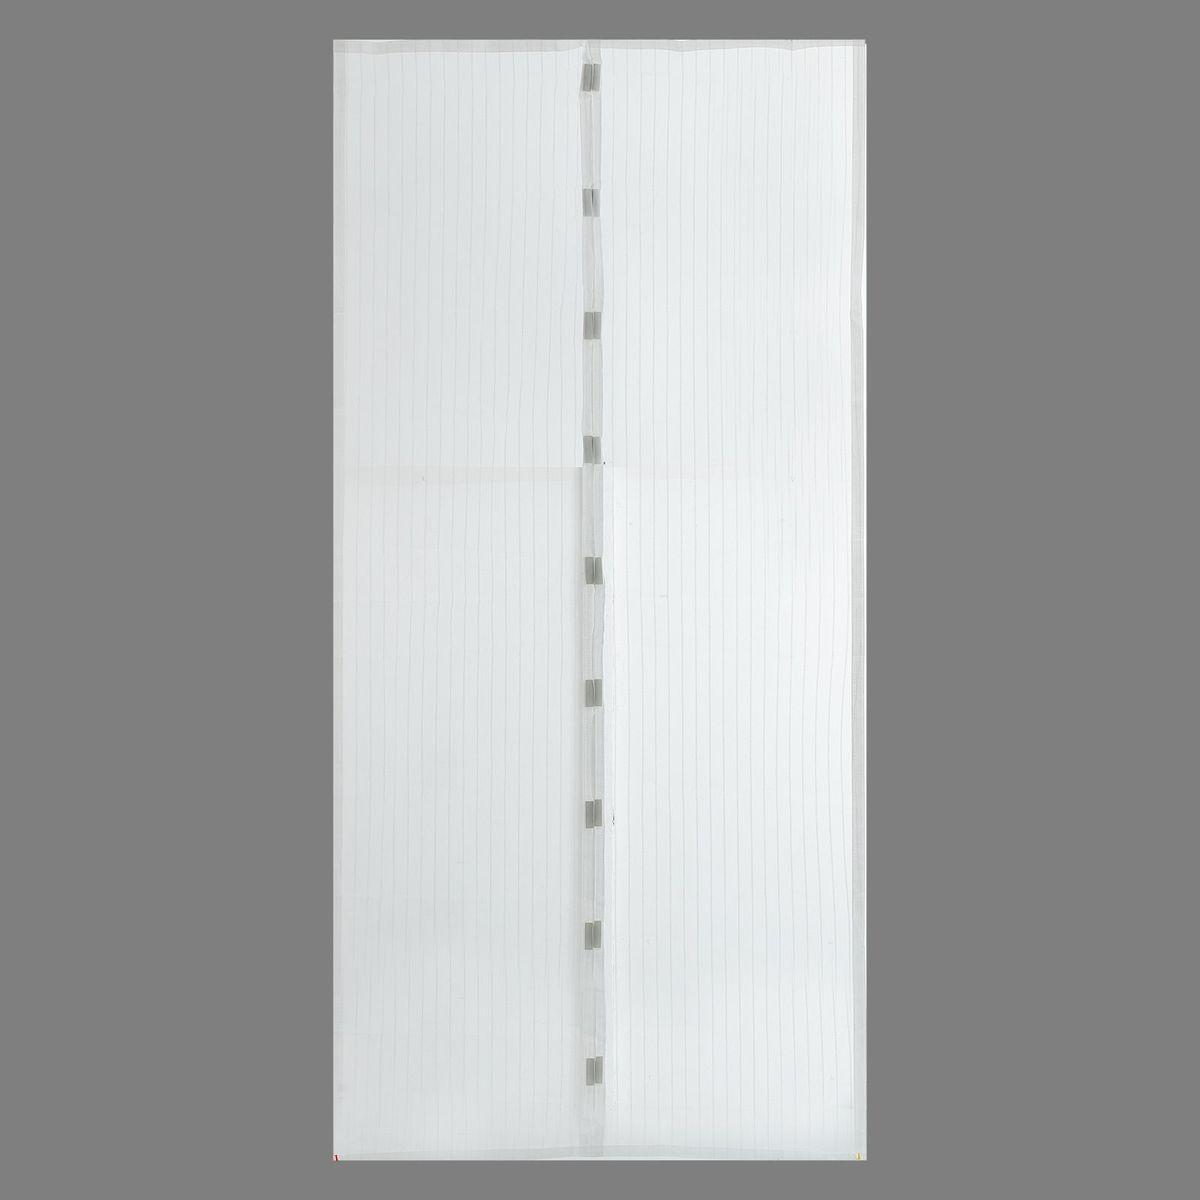 Сетка антимоскитная, на магнитной ленте, цвет: белый, 100 х 210 см. 14832486.295-875.0Сетка антимоскитная защитит вас от насекомых, изготовленная на магнитной ленте, универсальна в использовании: подвесьте ее при входе в садовый дом или балкон, чтобы предотвратить попадание комаров внутрь жилища. Наслаждайтесь свежим воздухом без компании надоедливых насекомых.Чтобы зафиксировать занавес в дверном проеме, достаточно закрепить занавеску по периметру двери с помощью кнопок, идущих в комплекте.В комплект входит: полиэстеровая сетка-штора (100 x 210 см), магнитная лента и крепёжные крючки.Принцип действия занавеса предельно прост: каждый раз, когда вы будете проходить сквозь шторы, они автоматически захлопнутся за вами благодаря магнитам, расположенным по всей его длине.